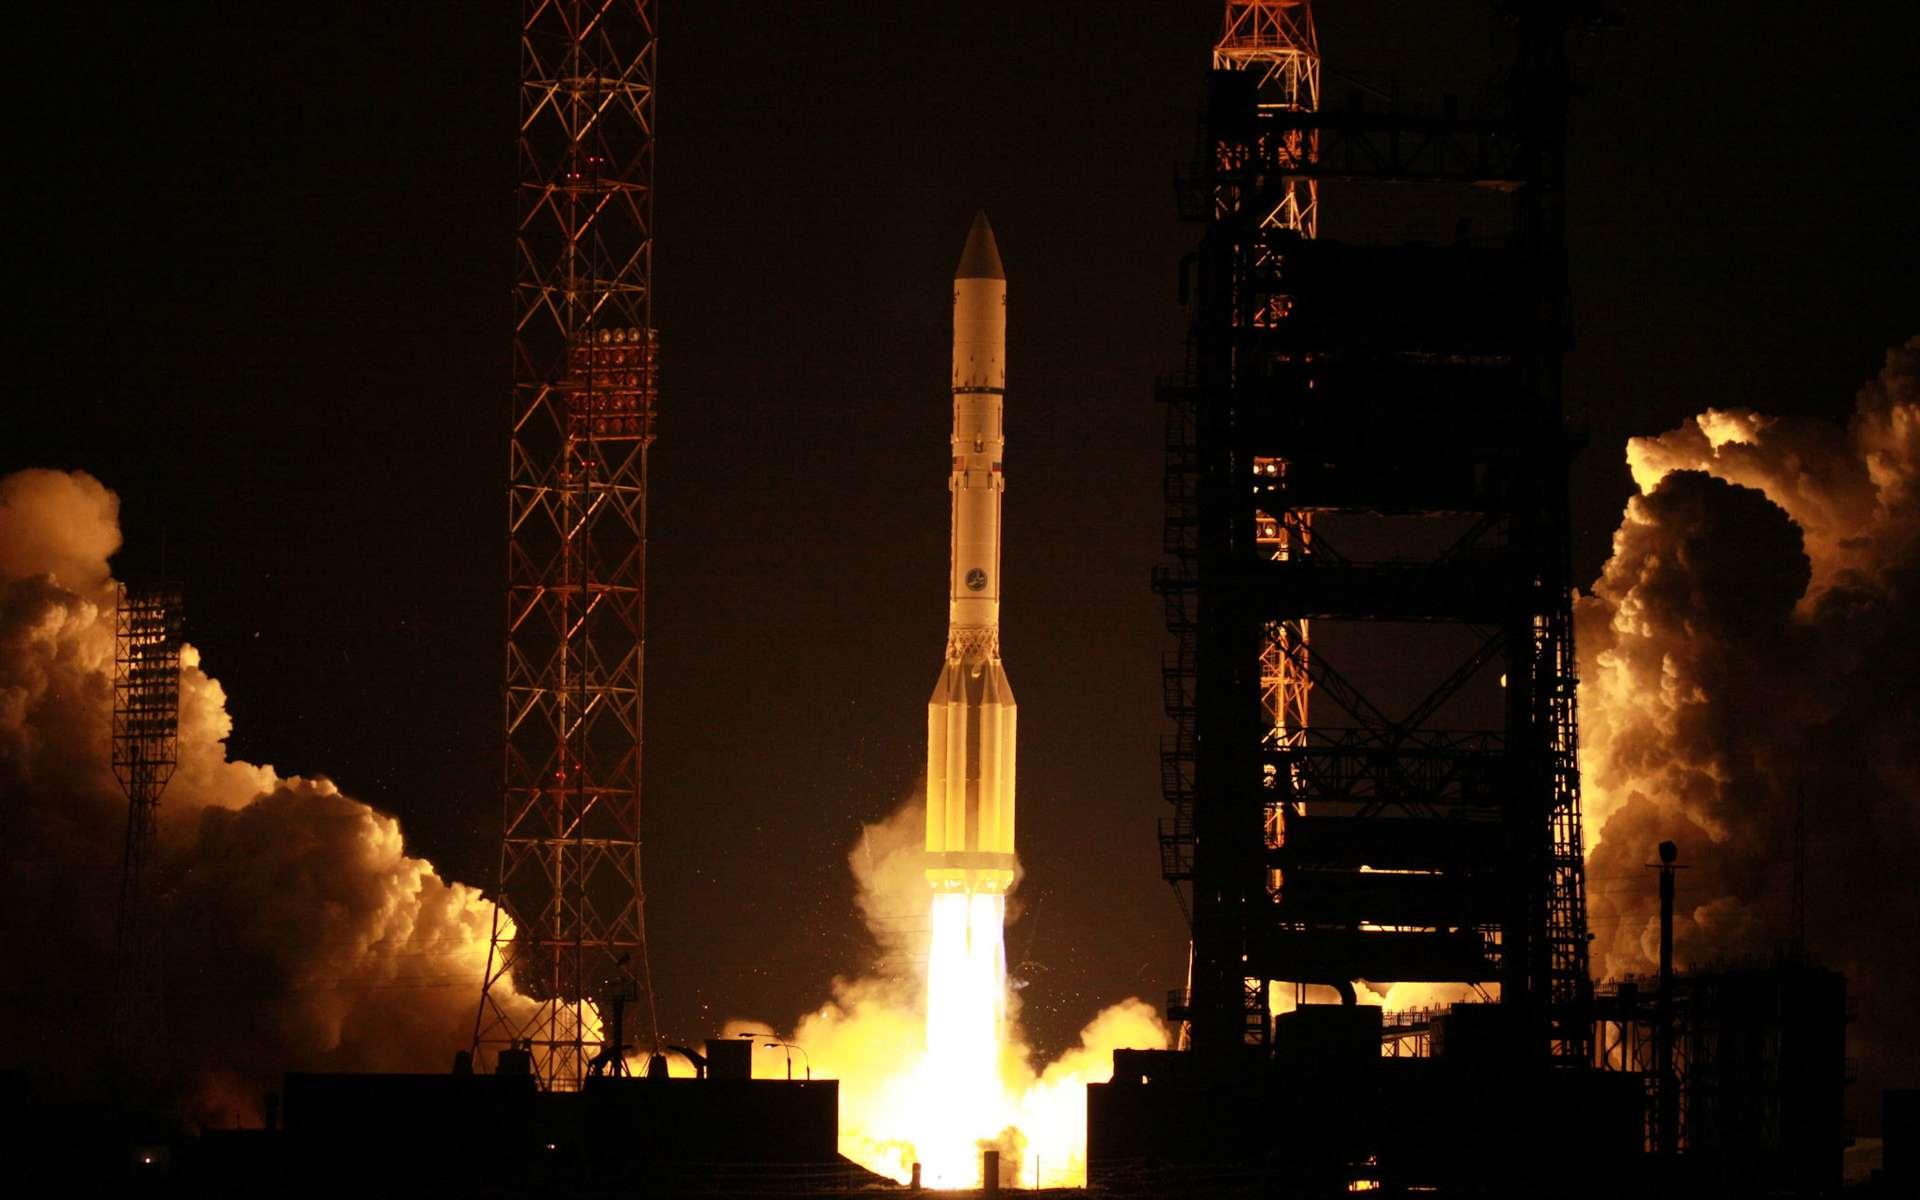 Après deux reports, le Proton a finalement décollé le jour de la Saint-Valentin pour placer sur une orbite de transfert géostationnaire le satellite SES-4. Une date peut-être pas choisie au hasard, les dirigeants de SES ayant modérément apprécié les reports du lancement ! © International Launch Services